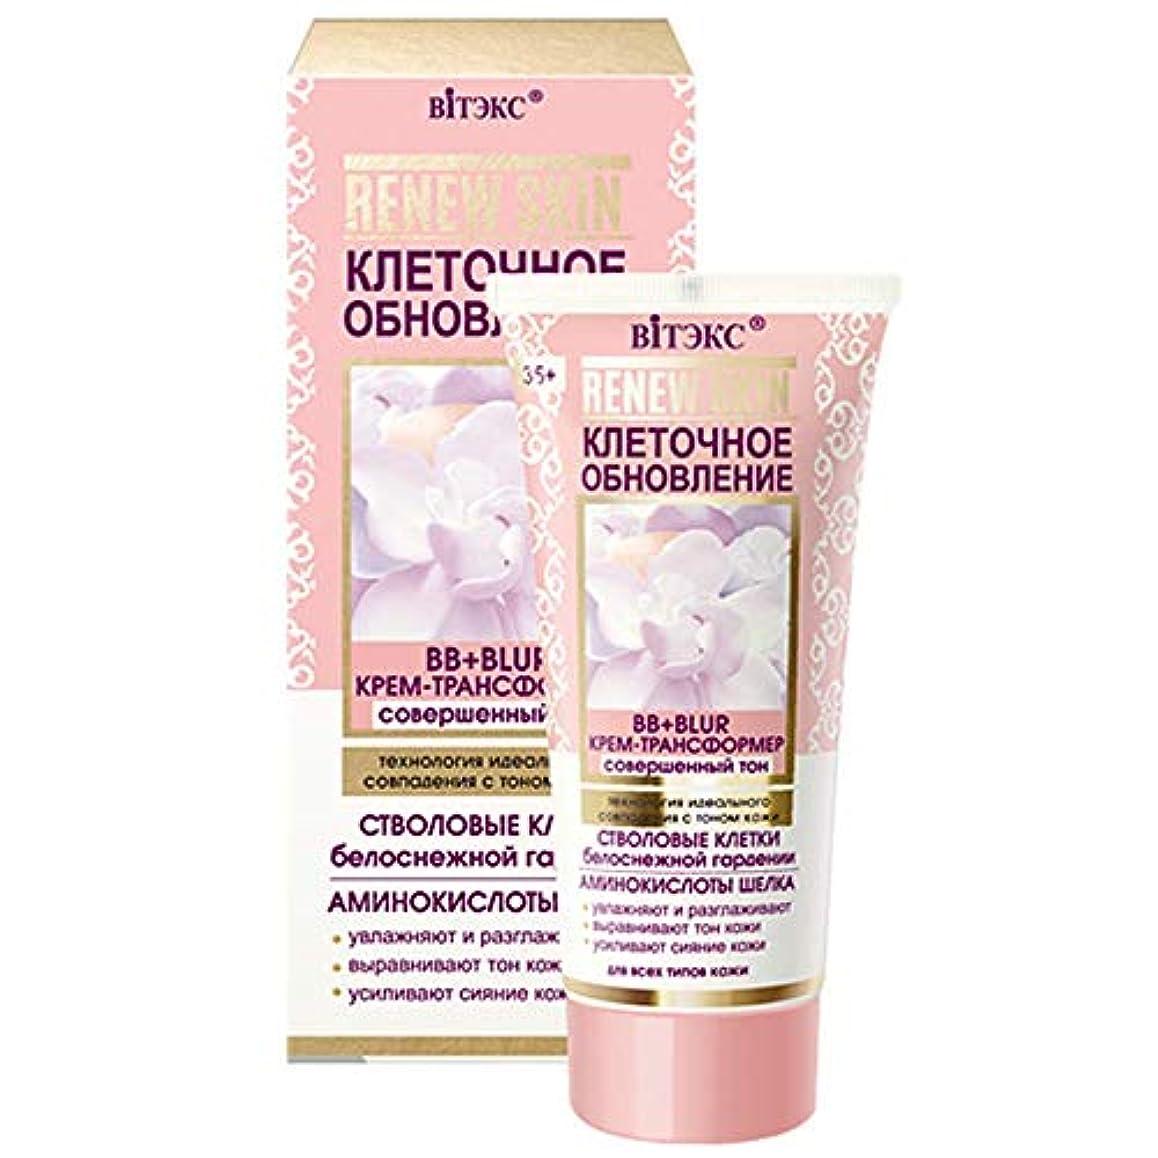 クモ革命的おしゃれじゃないBielita & Vitex | RENEW SKIN | BB + BLUR CREAM-TRANSFORMER | Perfect tone technology of perfect match with skin...